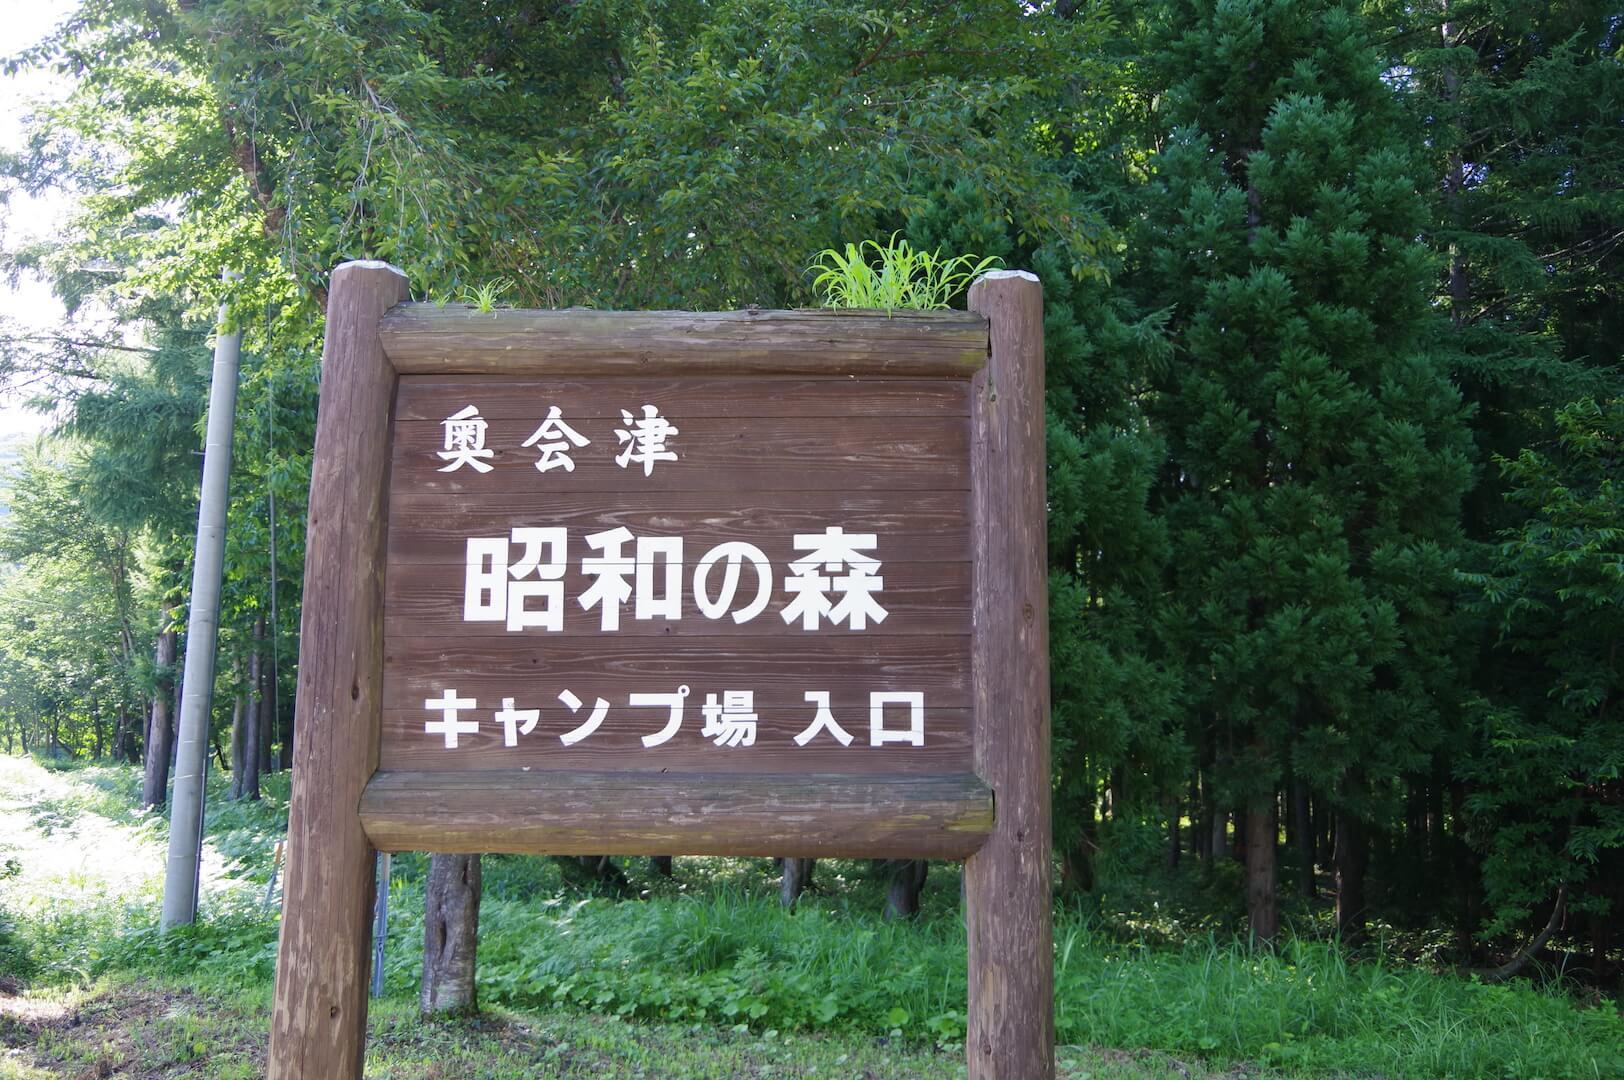 昭和の森キャンプ場